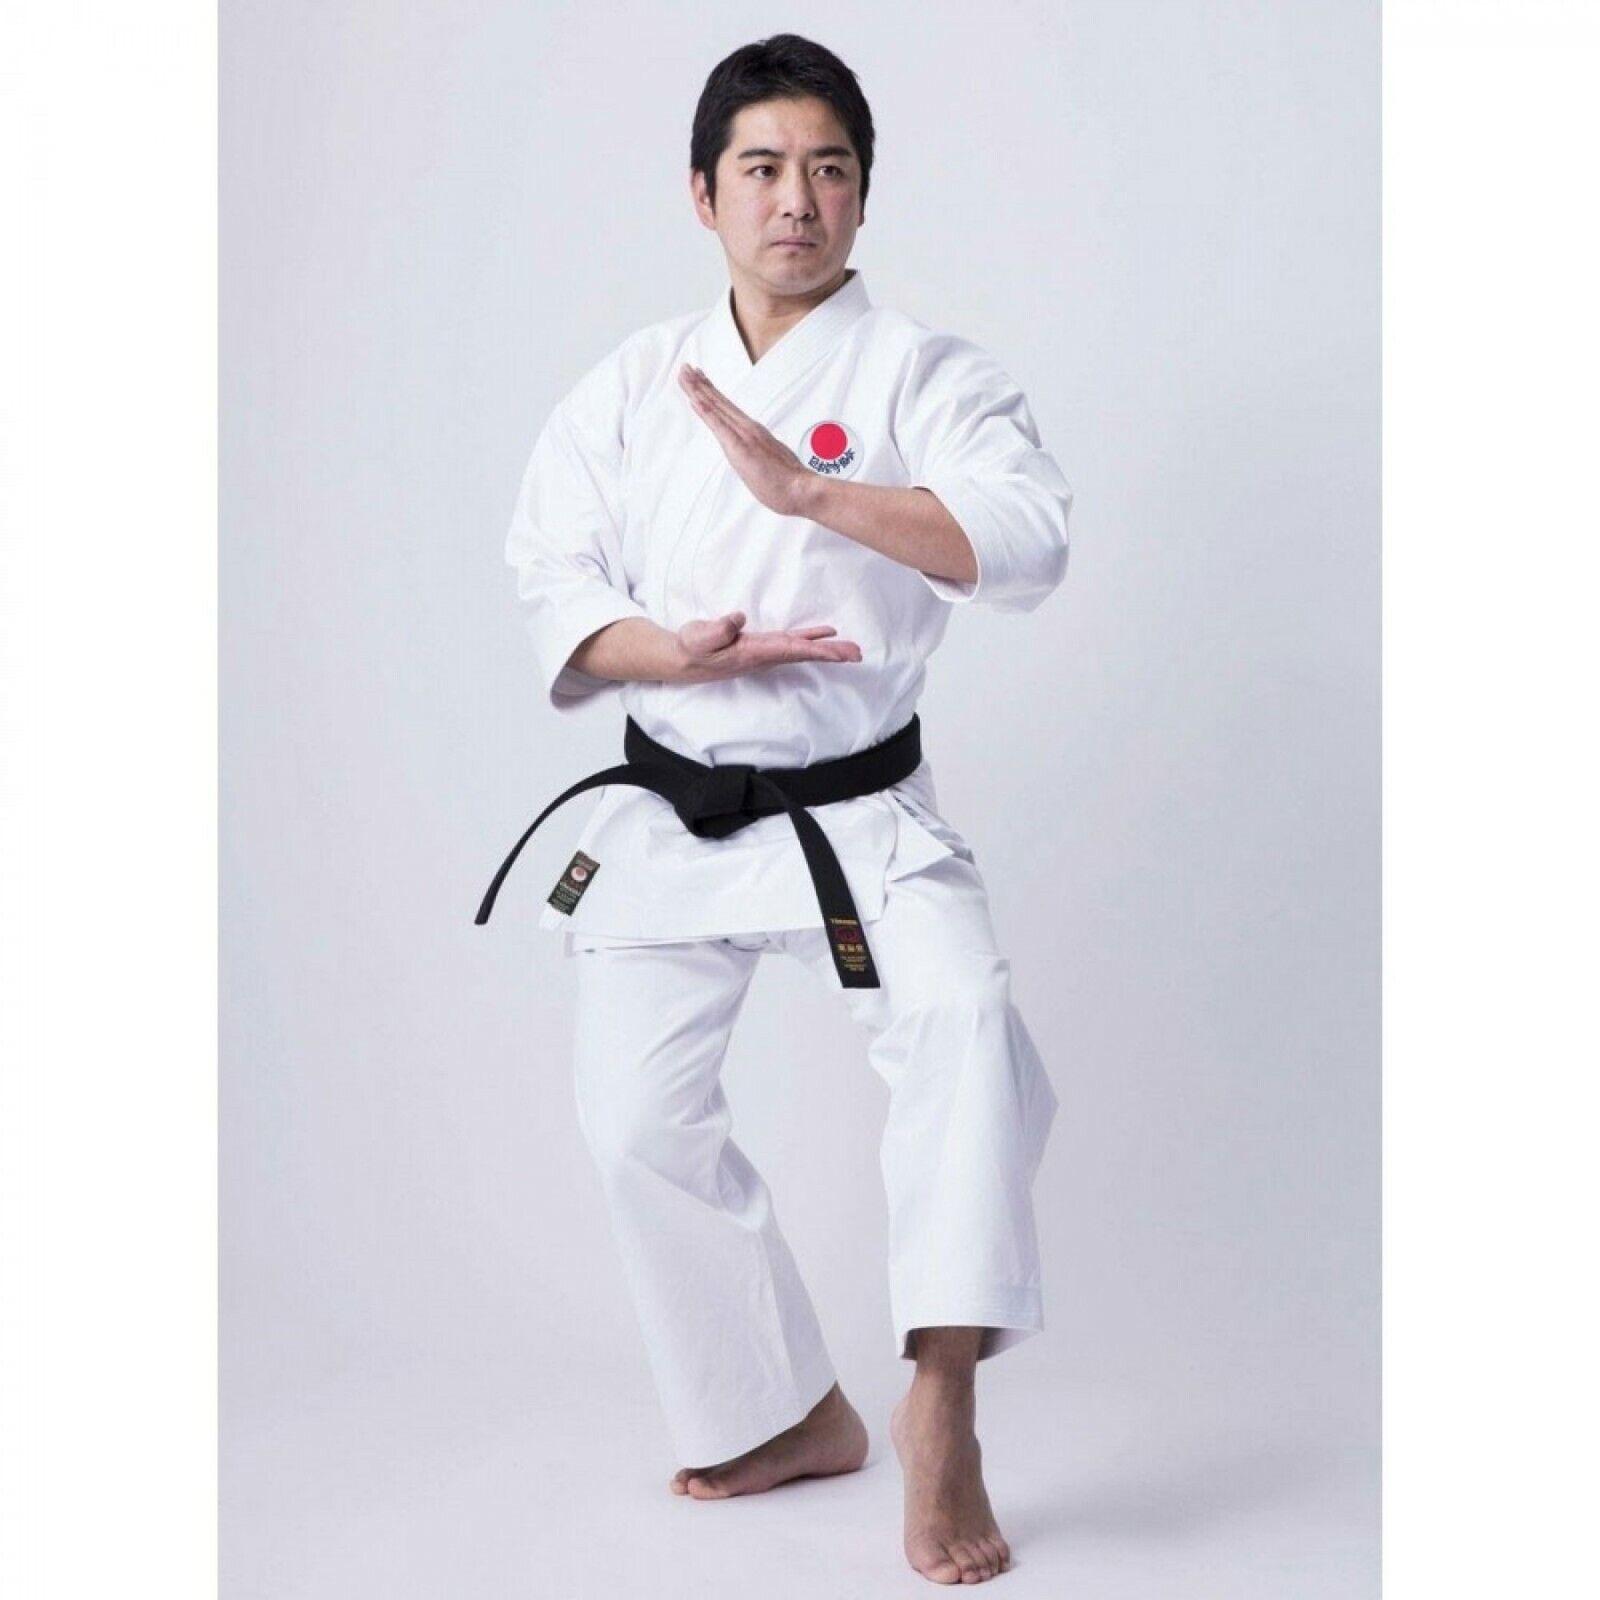 TOKAIDO JKA MIDDLEWEIGHT KATA GI, 10OZ JAPANESE CUT - IZUMO KTW w  JKA Patch